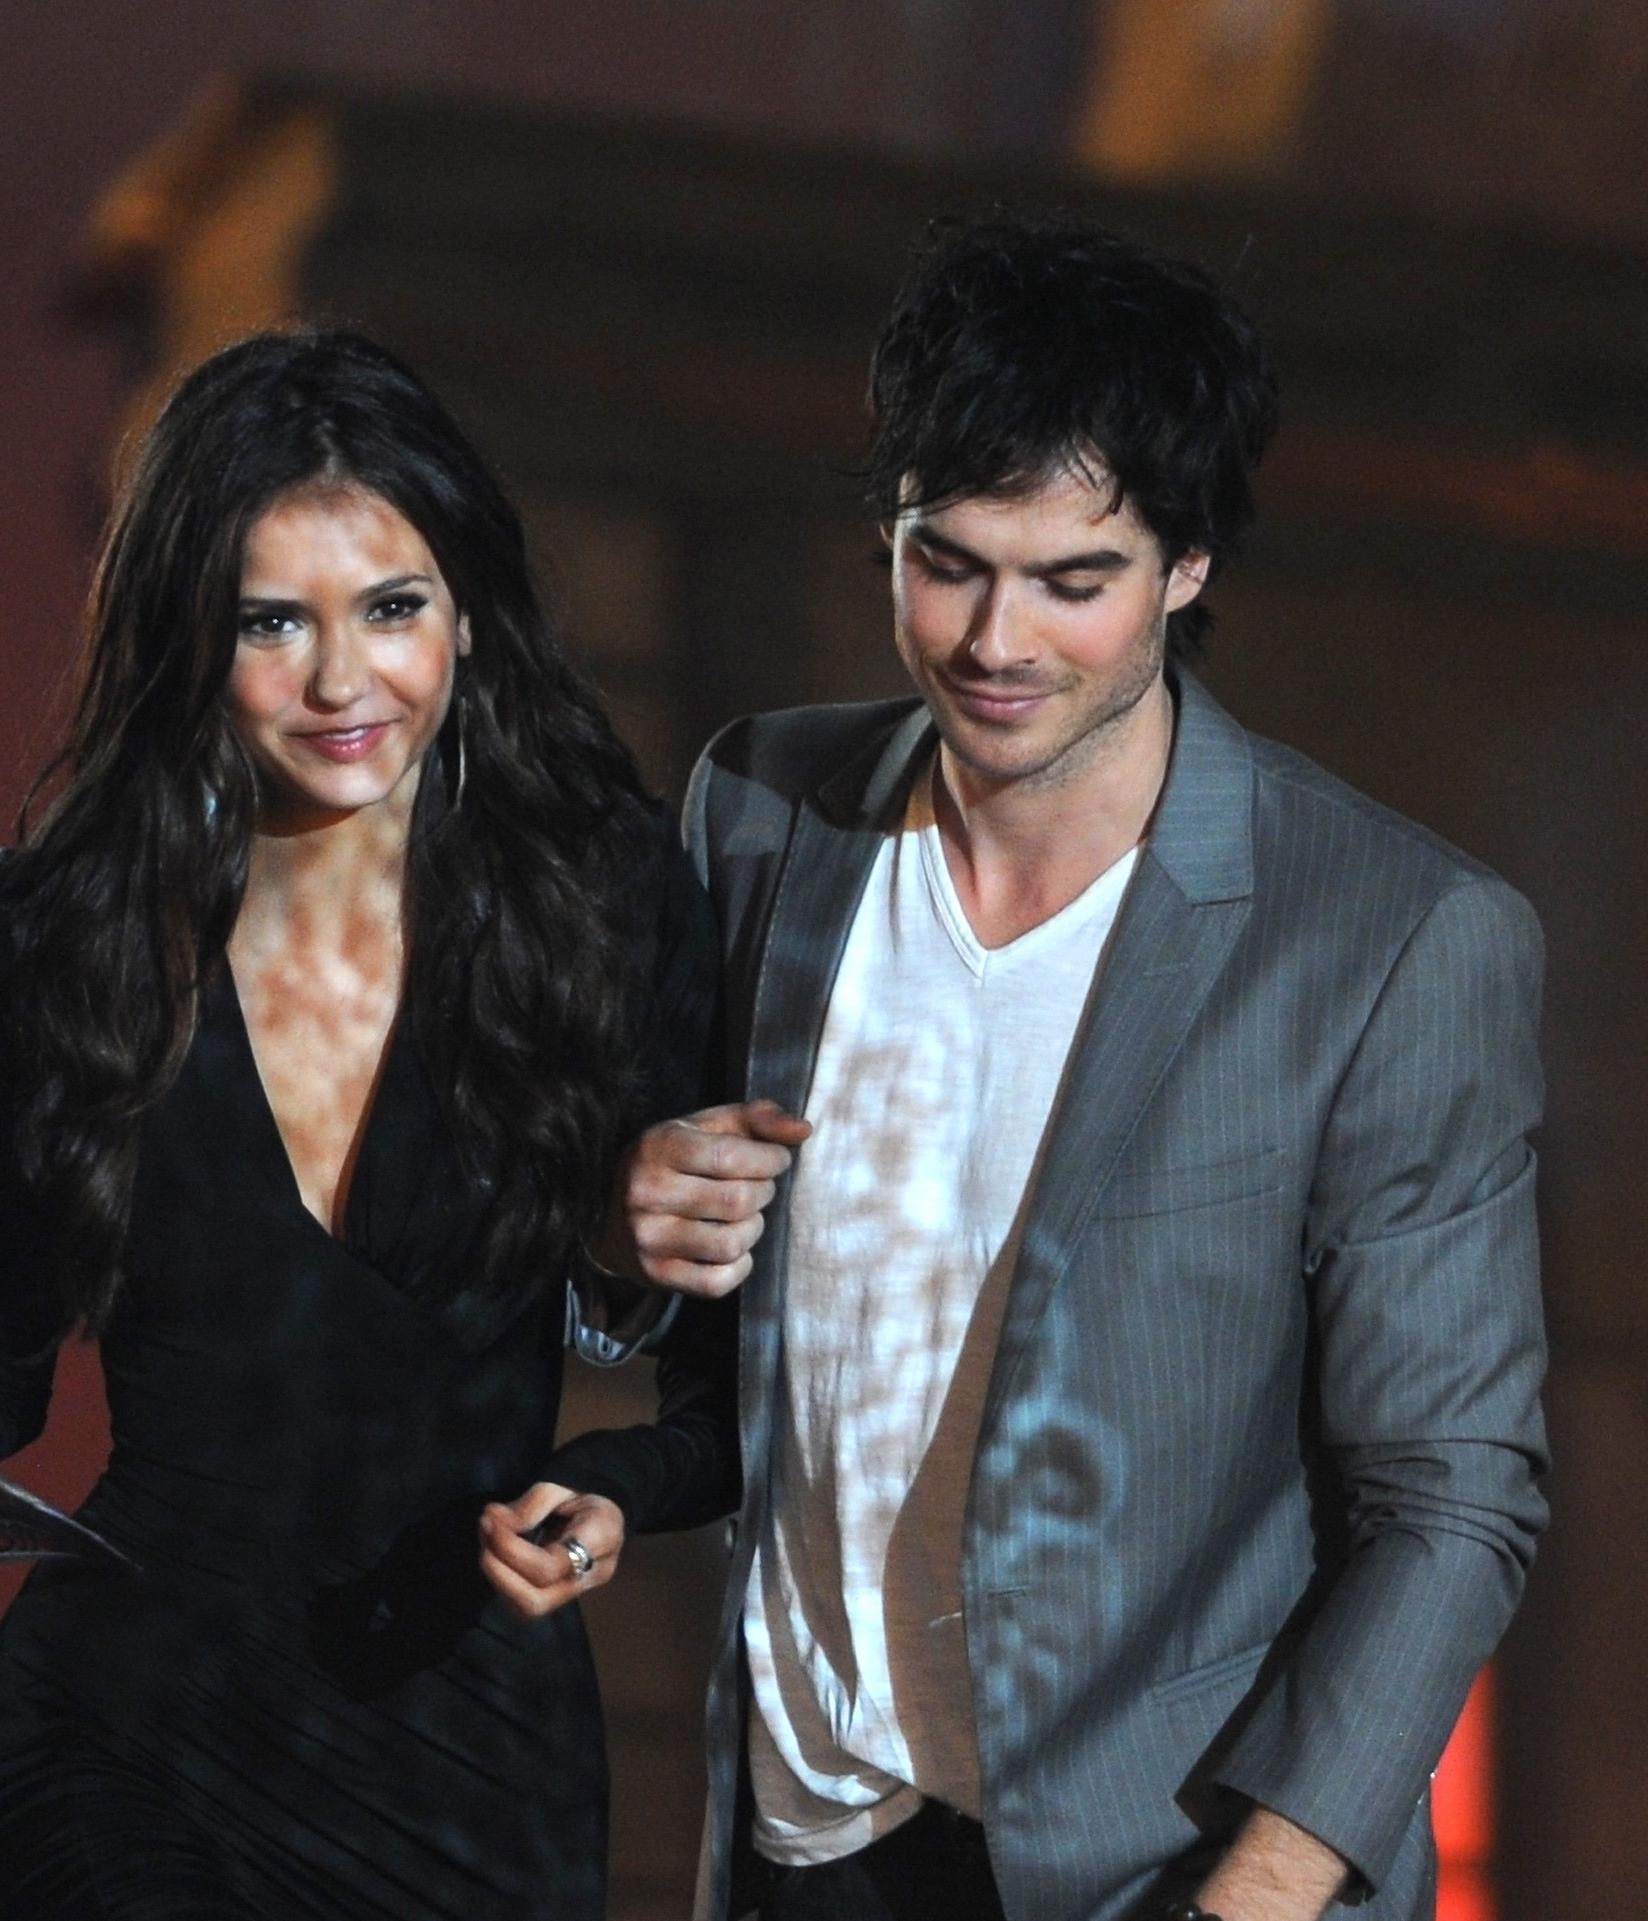 Ian/Nina @ Scream Awards 2010 (HQ)